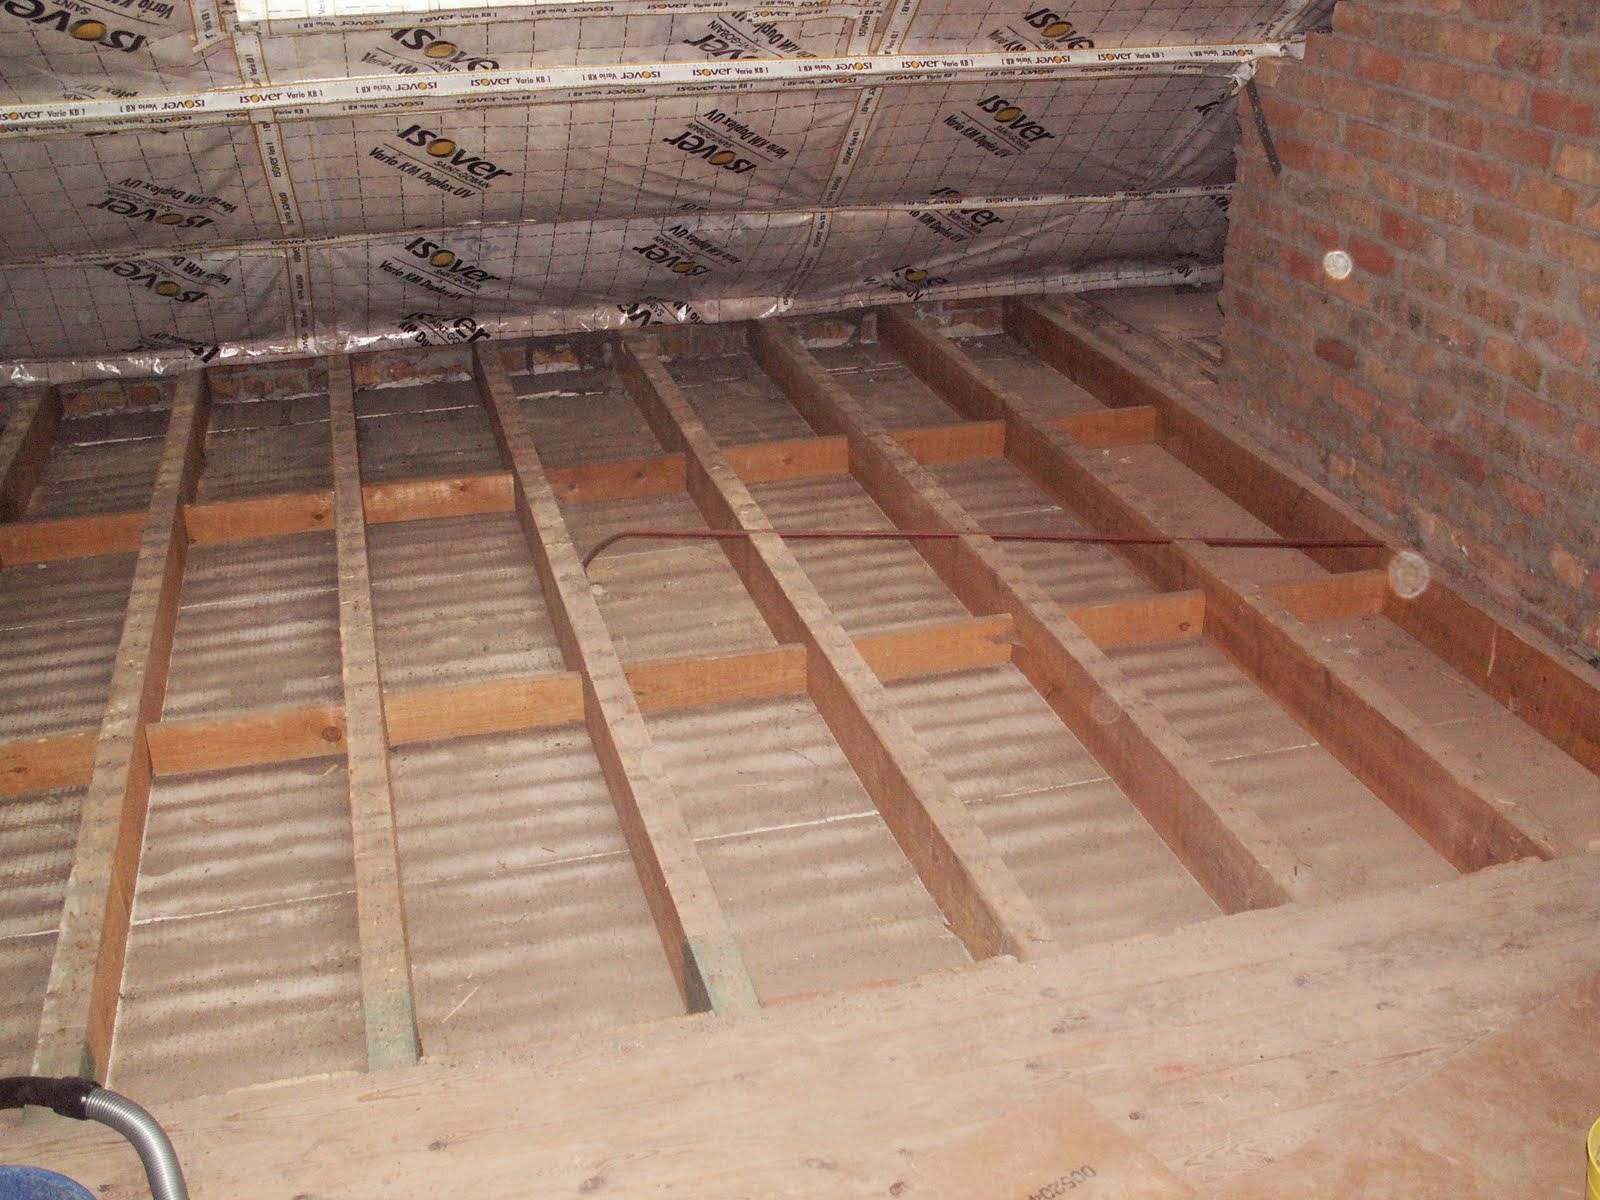 Verbouwing van ons ouderlijk huis zoldervloer uitbreken dag 2 - Kamer met balken ...